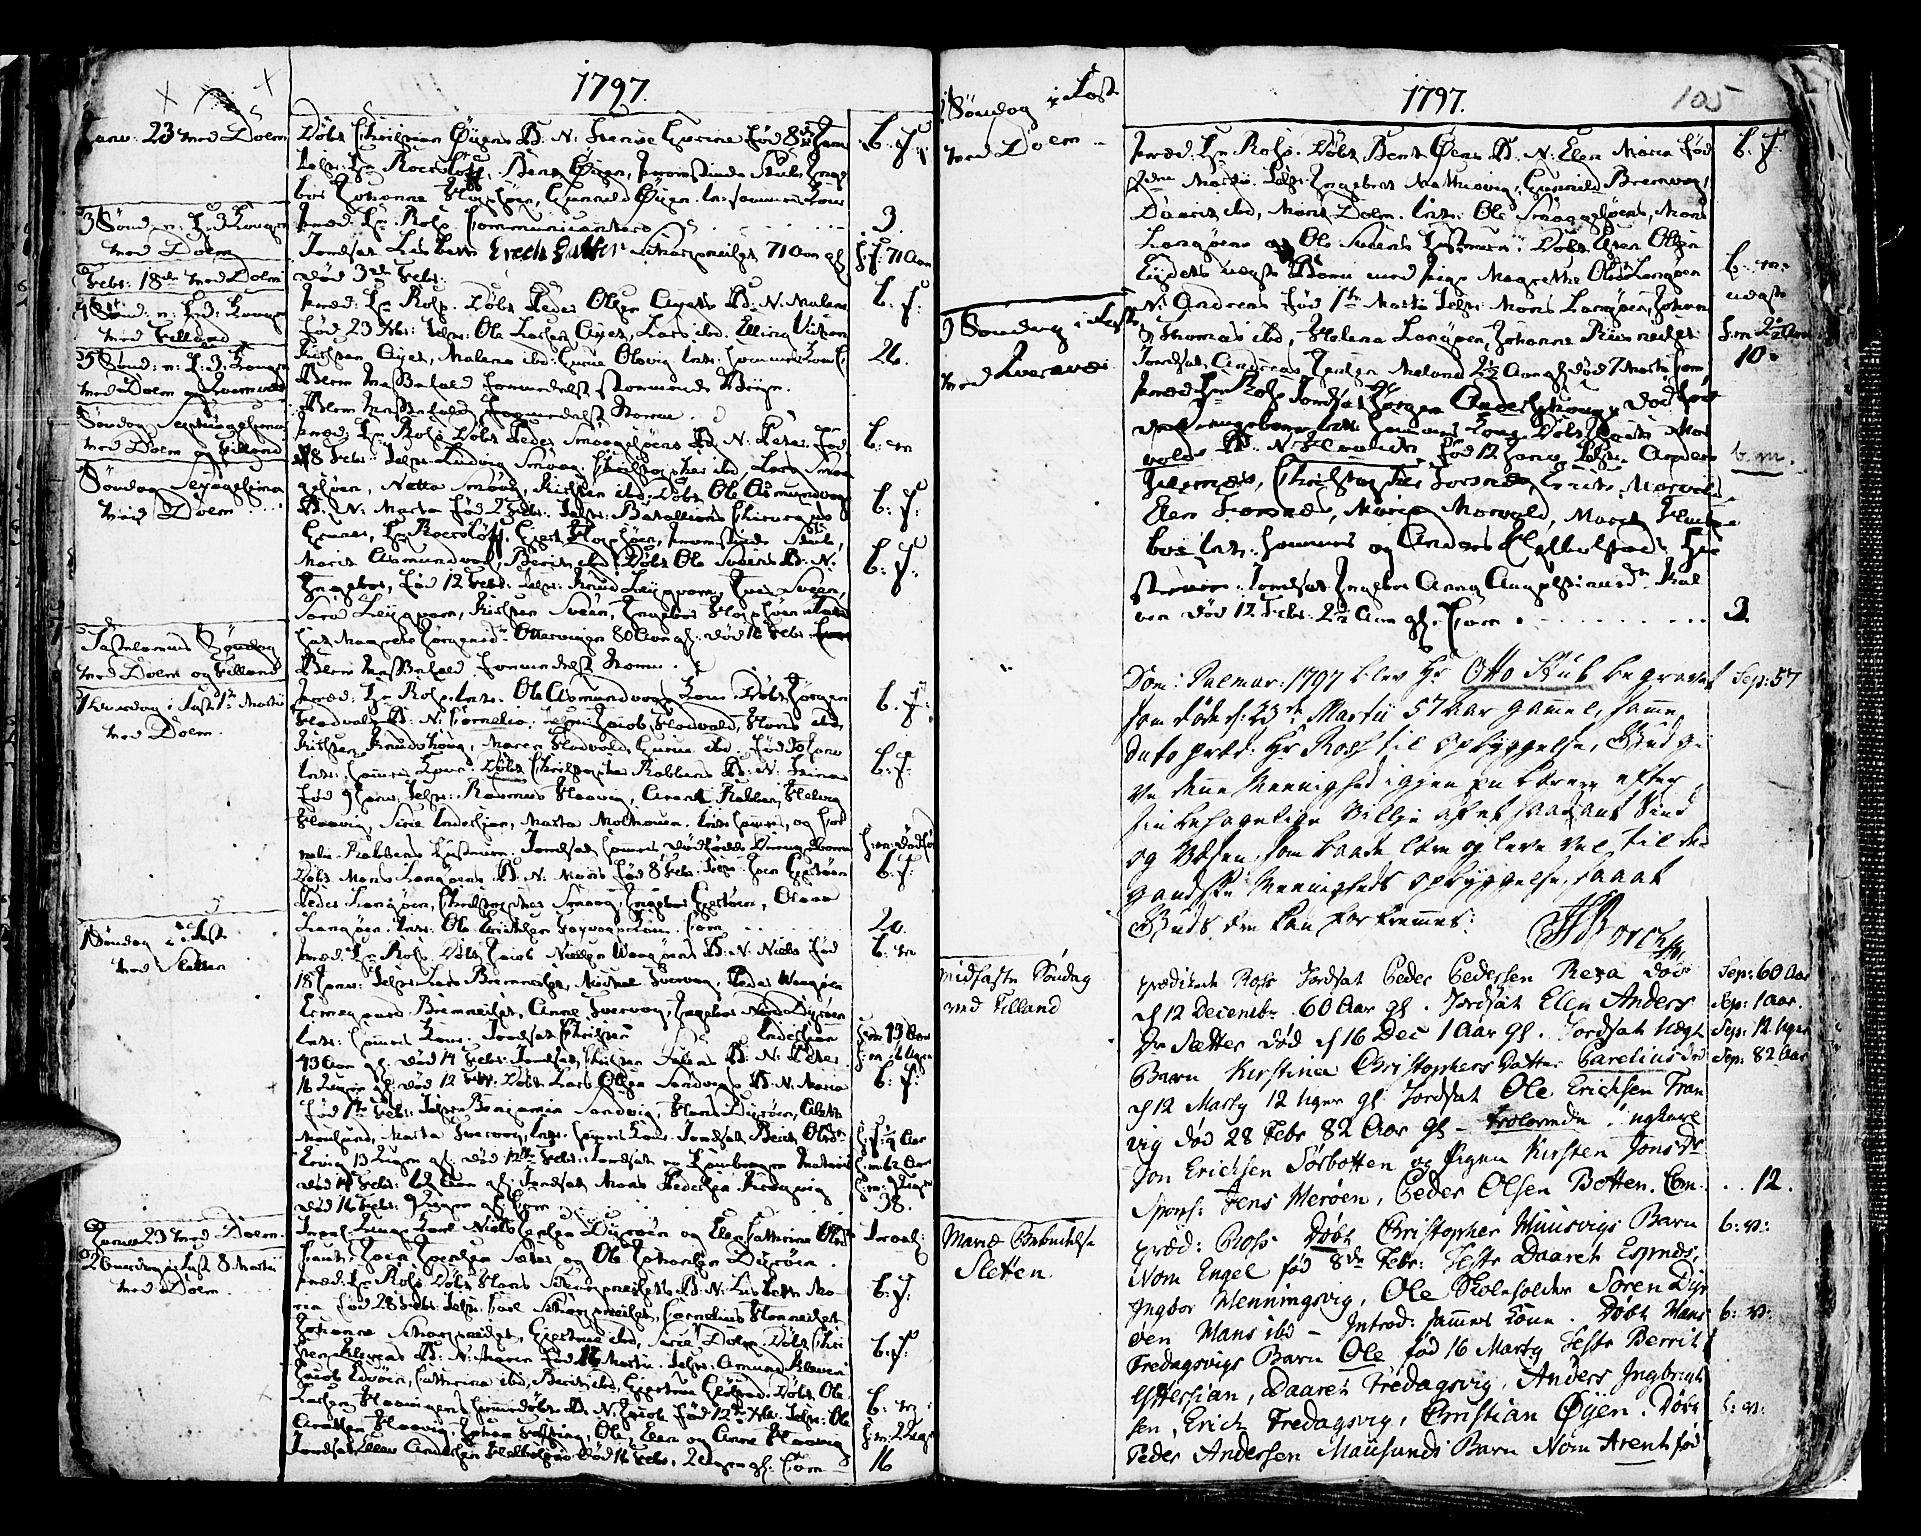 SAT, Ministerialprotokoller, klokkerbøker og fødselsregistre - Sør-Trøndelag, 634/L0526: Ministerialbok nr. 634A02, 1775-1818, s. 105